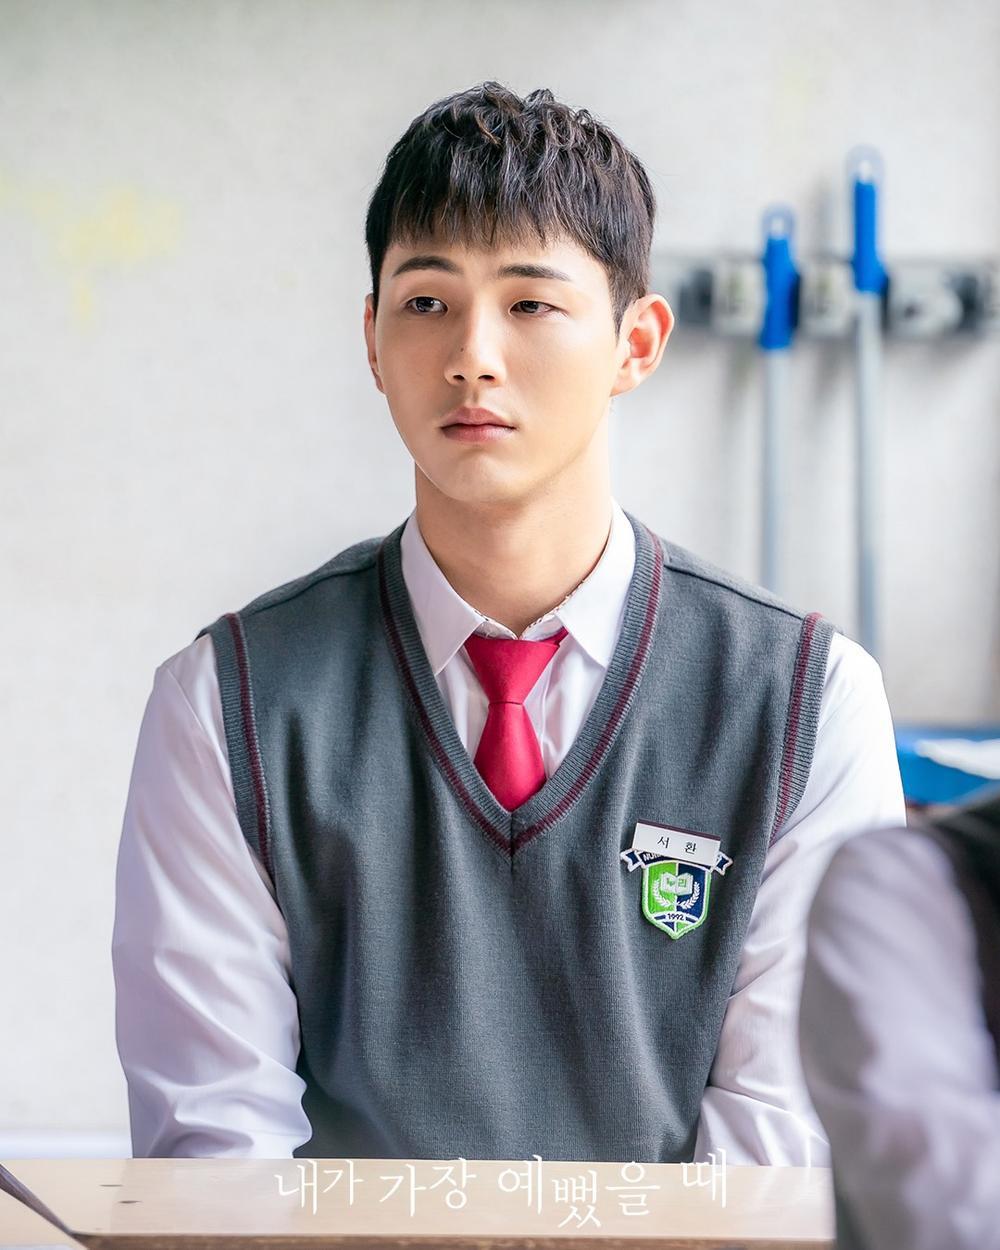 Lộ ảnh hôn lễ đẹp như cổ tích của Im Soo Hyang và Ha Seok Jin Ảnh 11